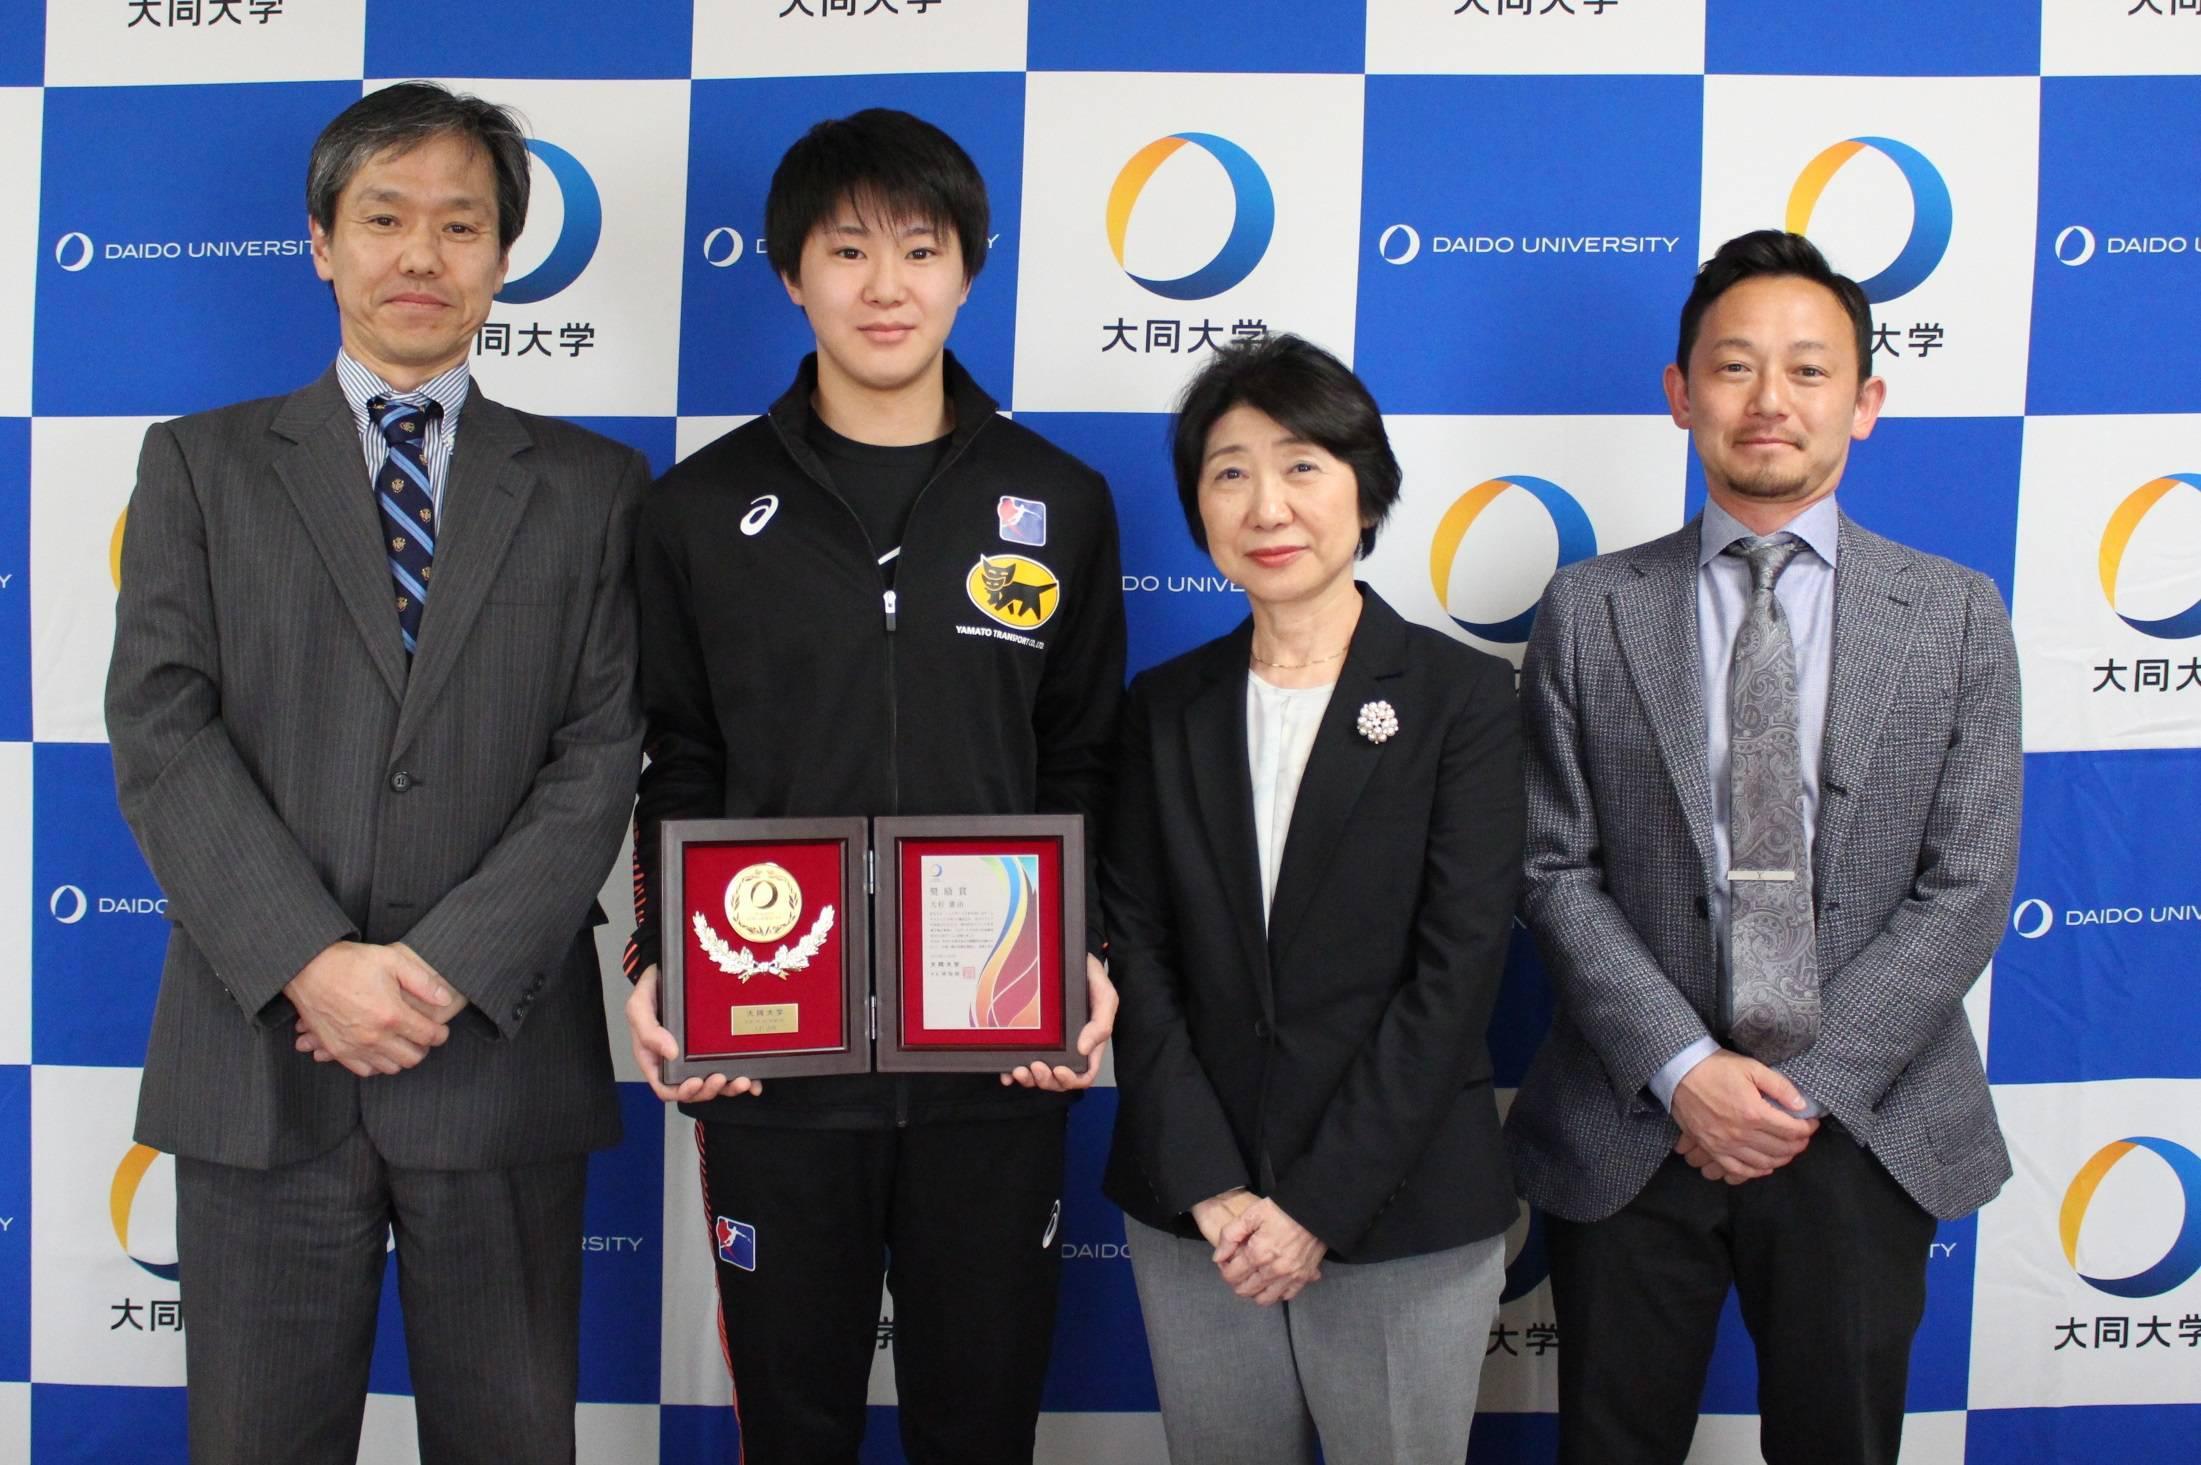 授与式の様子(左から、高田学生部長、大杉さん、神保学長、伊藤学生部次長)